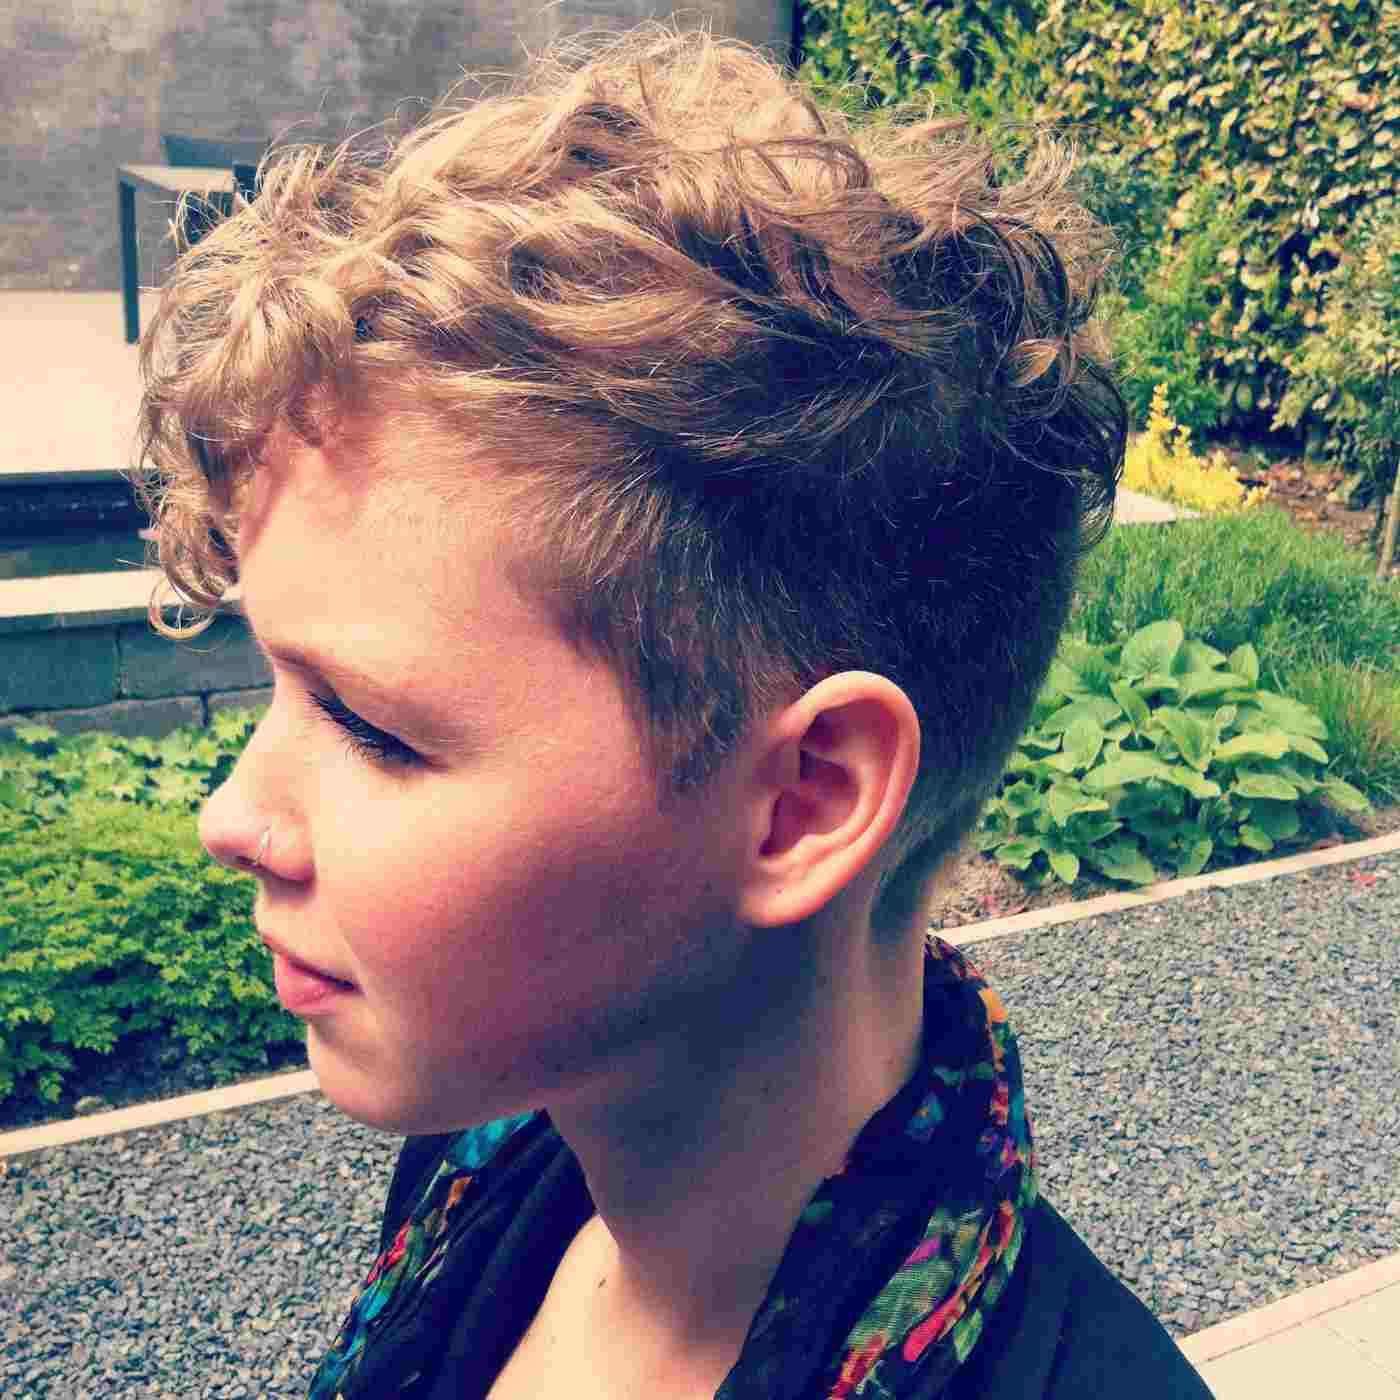 Jungs Mit Locken 30 Susse Und Pflegeleichte Kinderfrisuren In 2020 Kinderfrisuren Lockige Frisuren Kinder Frisuren